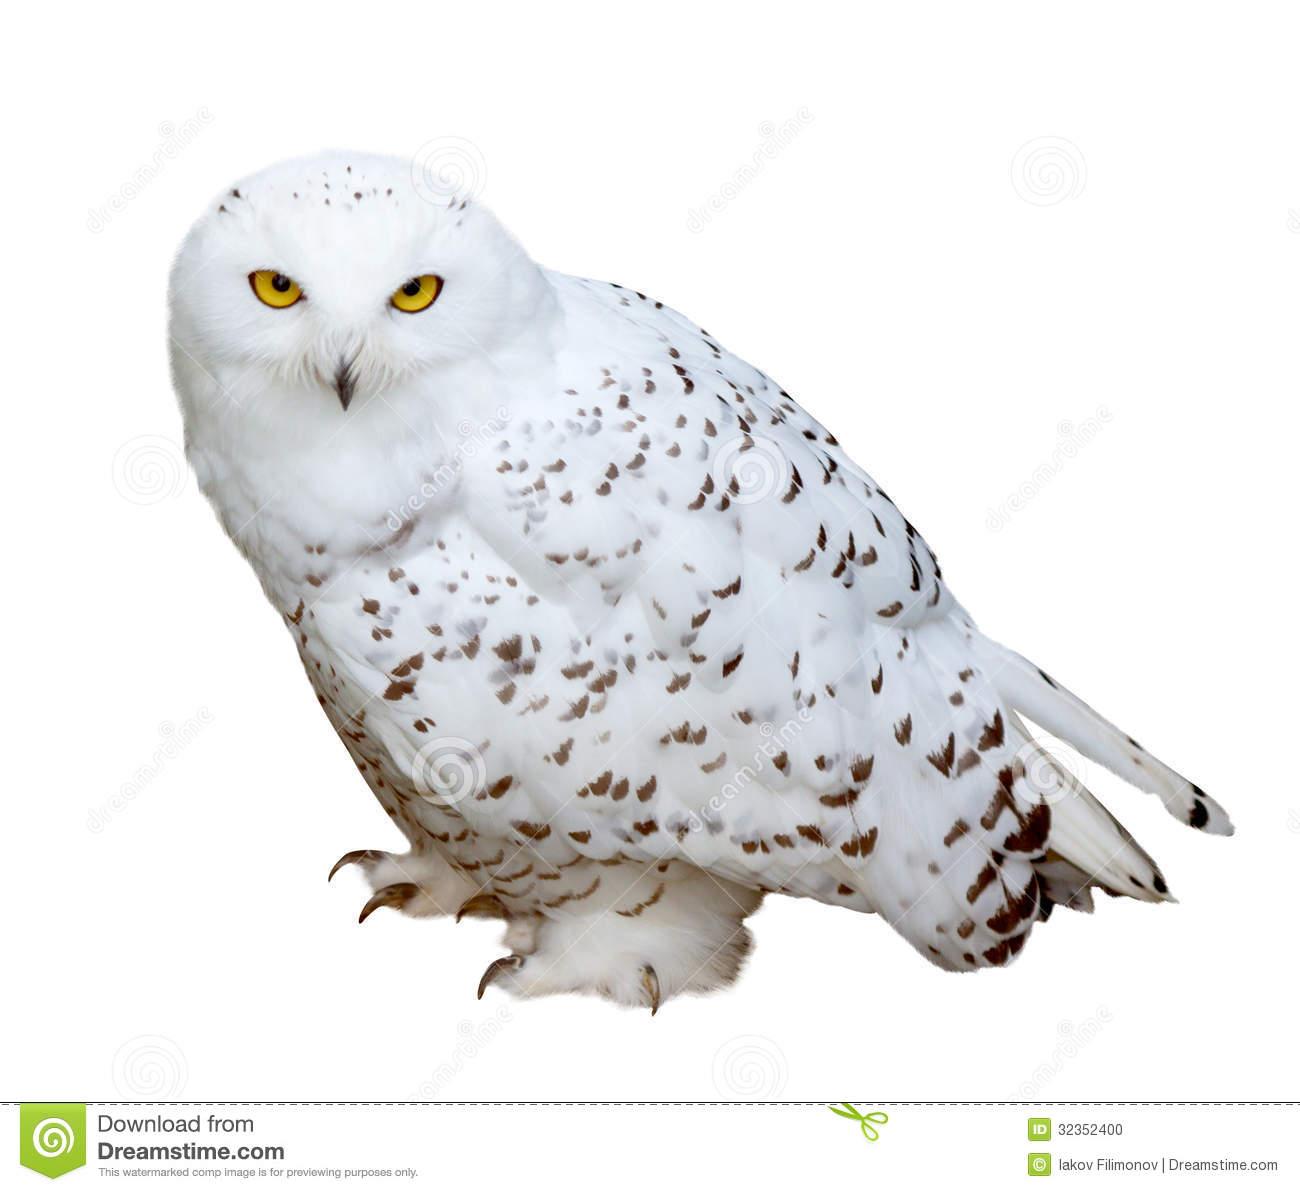 Snowy Owl Clipart Snowy Owl Isolated Ove-Snowy Owl Clipart Snowy Owl Isolated Over White-18